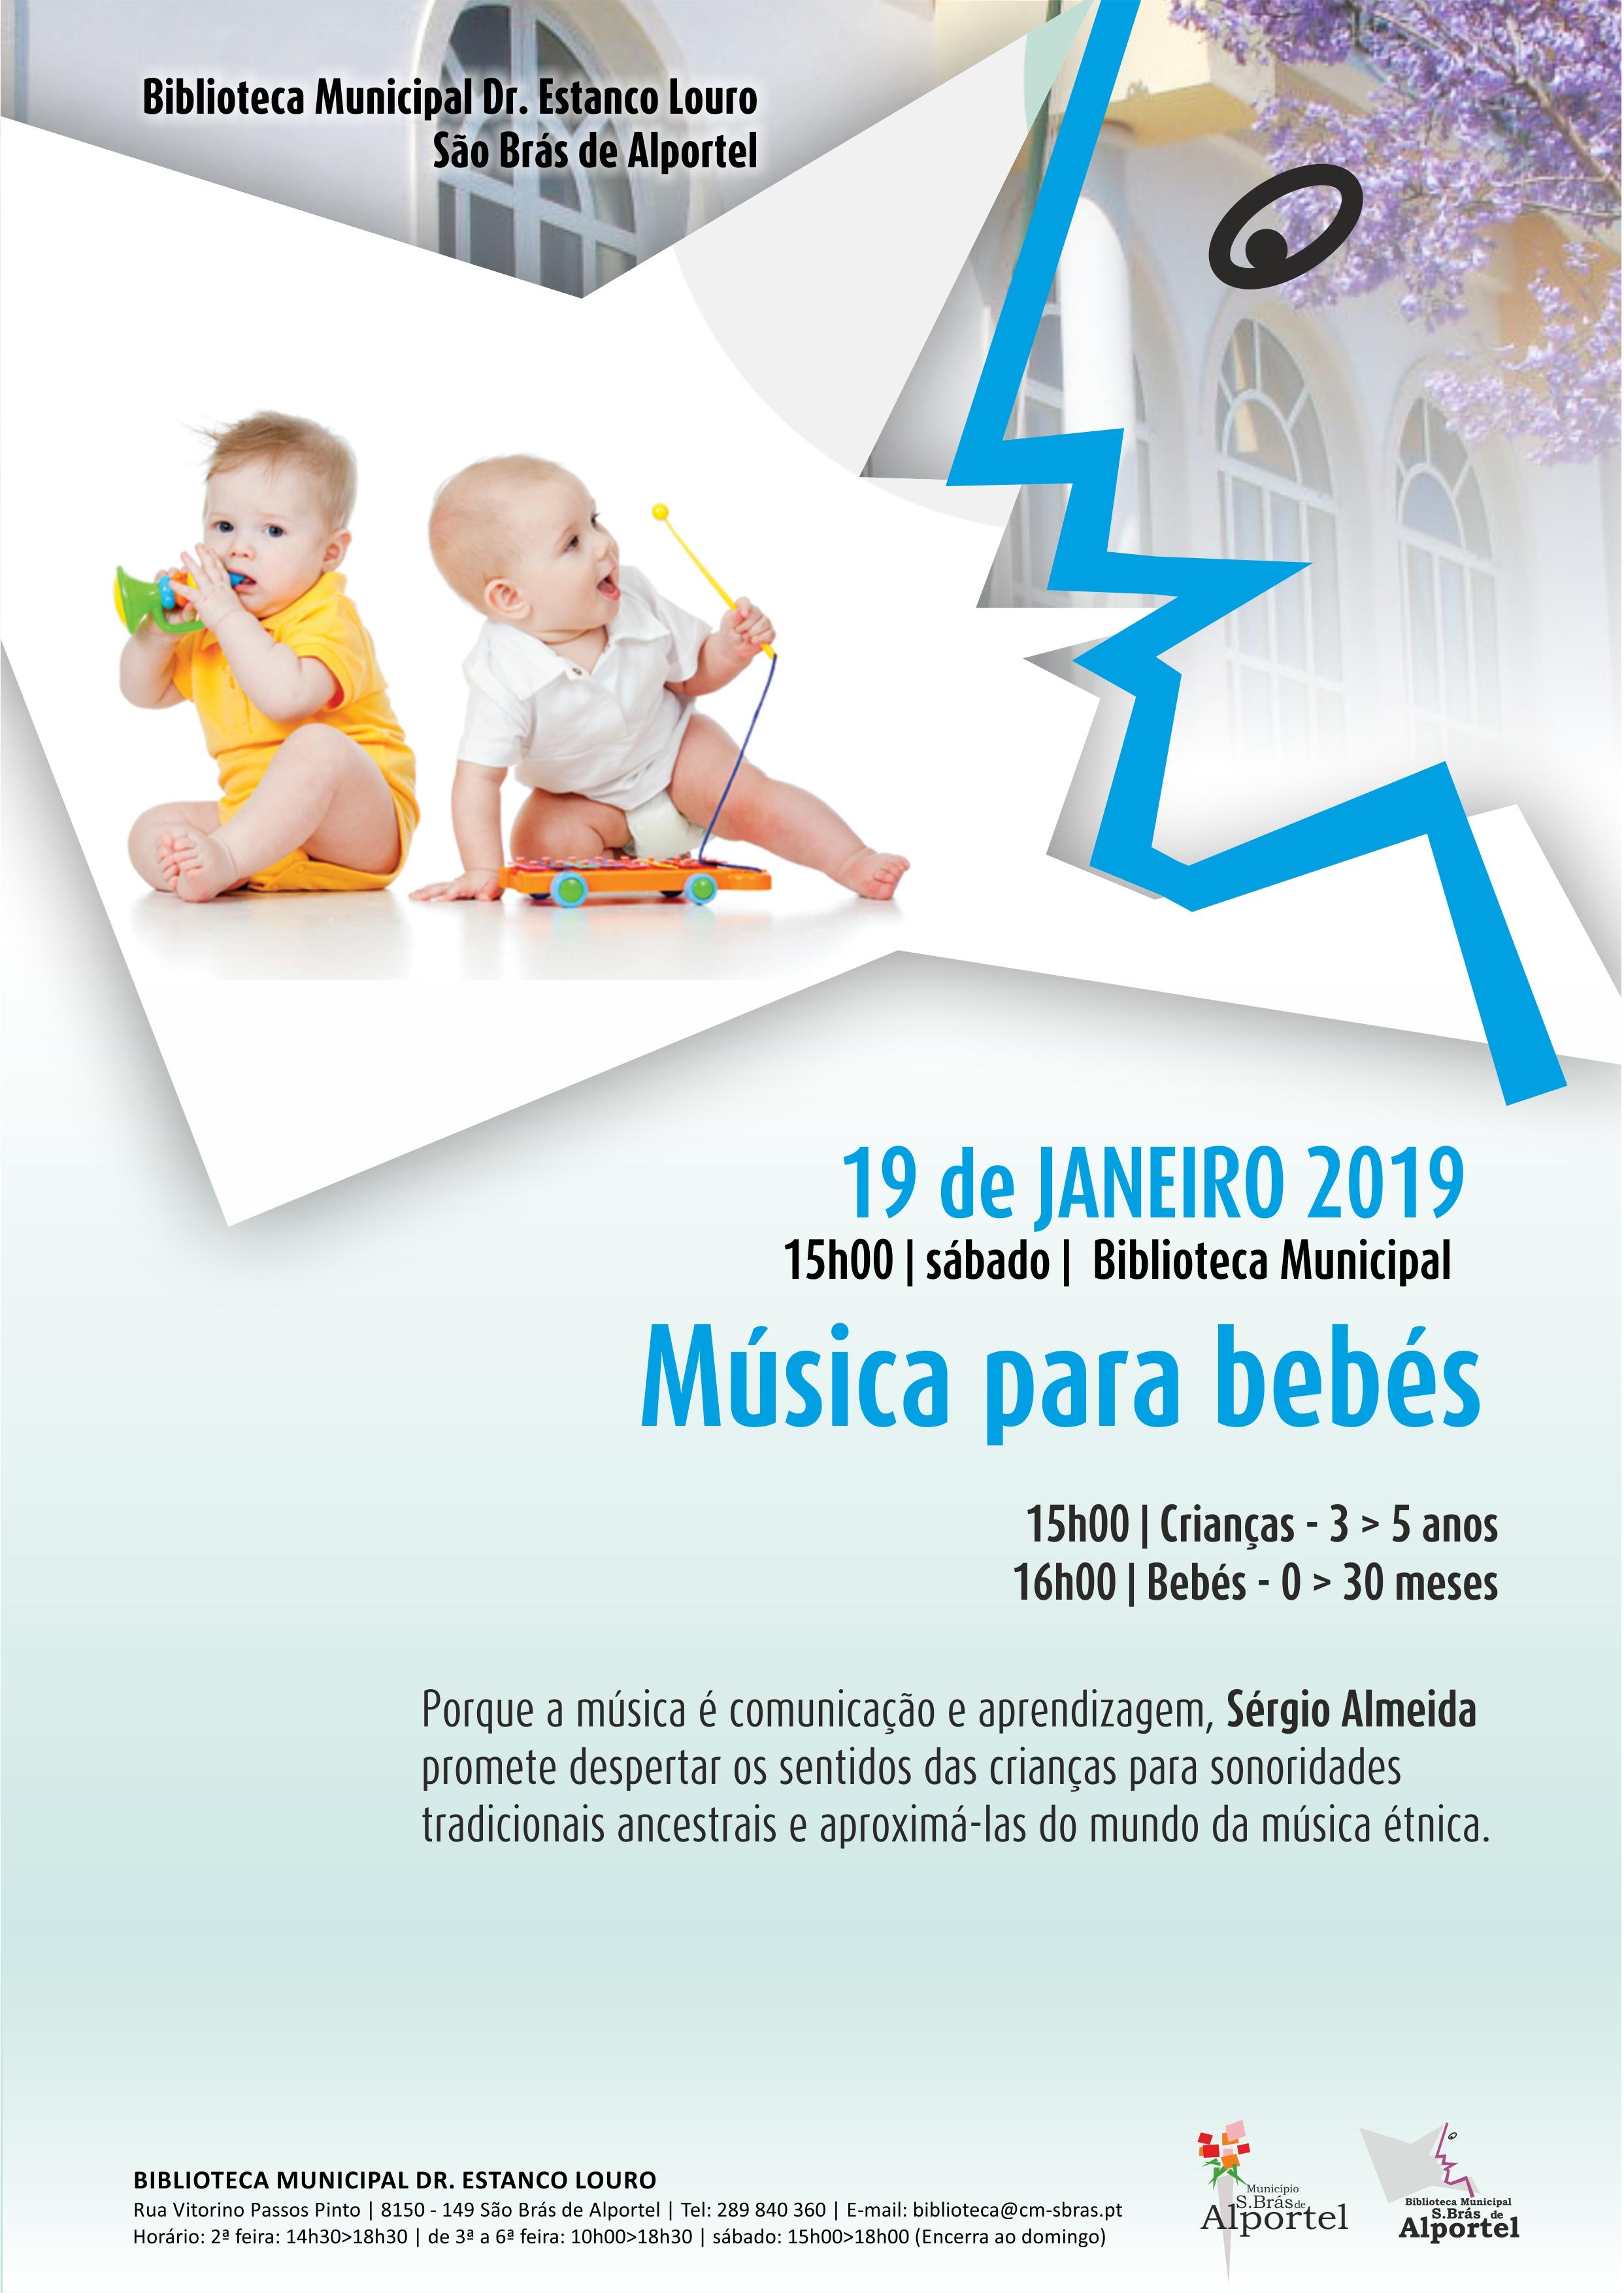 cartaz da sessão música para bebés